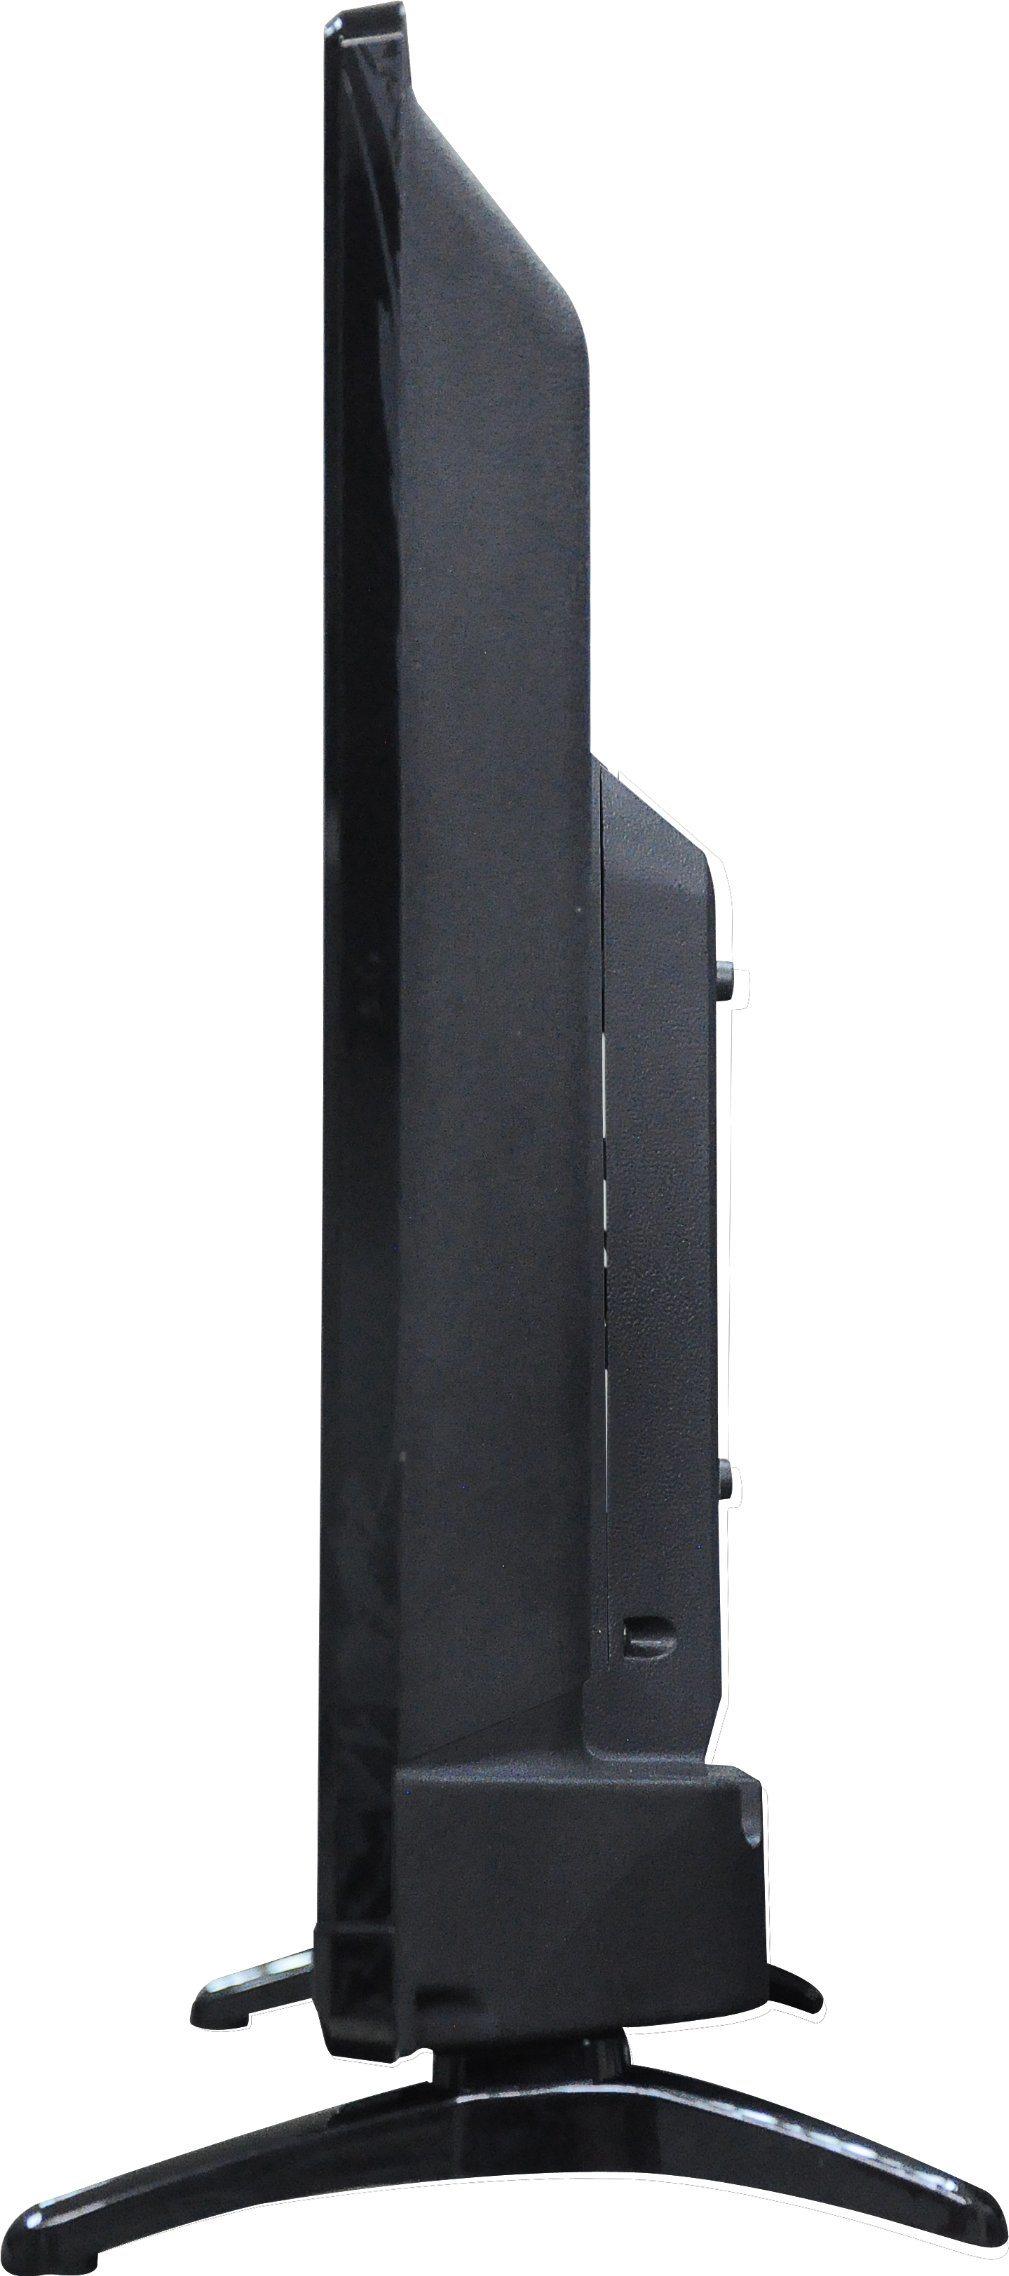 DVB 19 22 24 Inch Dled Backlight Color HD LED TV